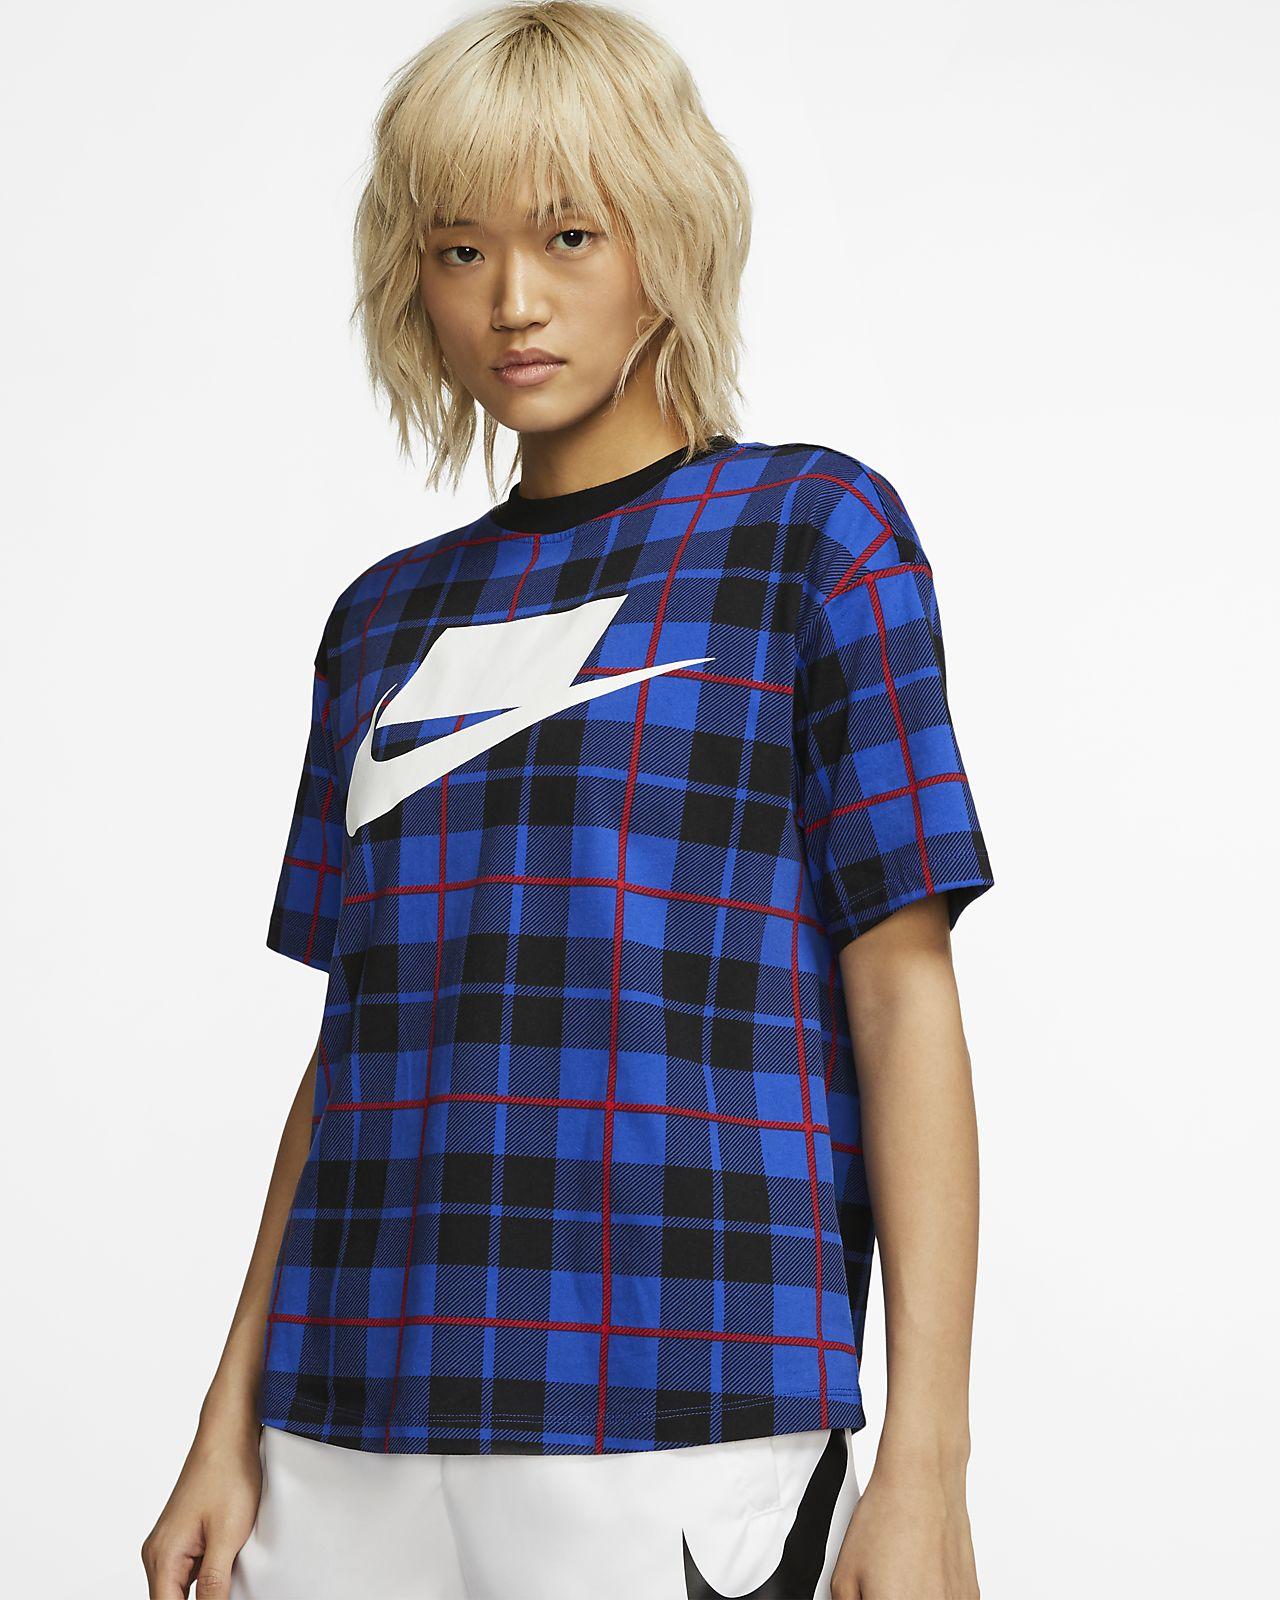 Nike Sportswear 女款短袖印花上衣